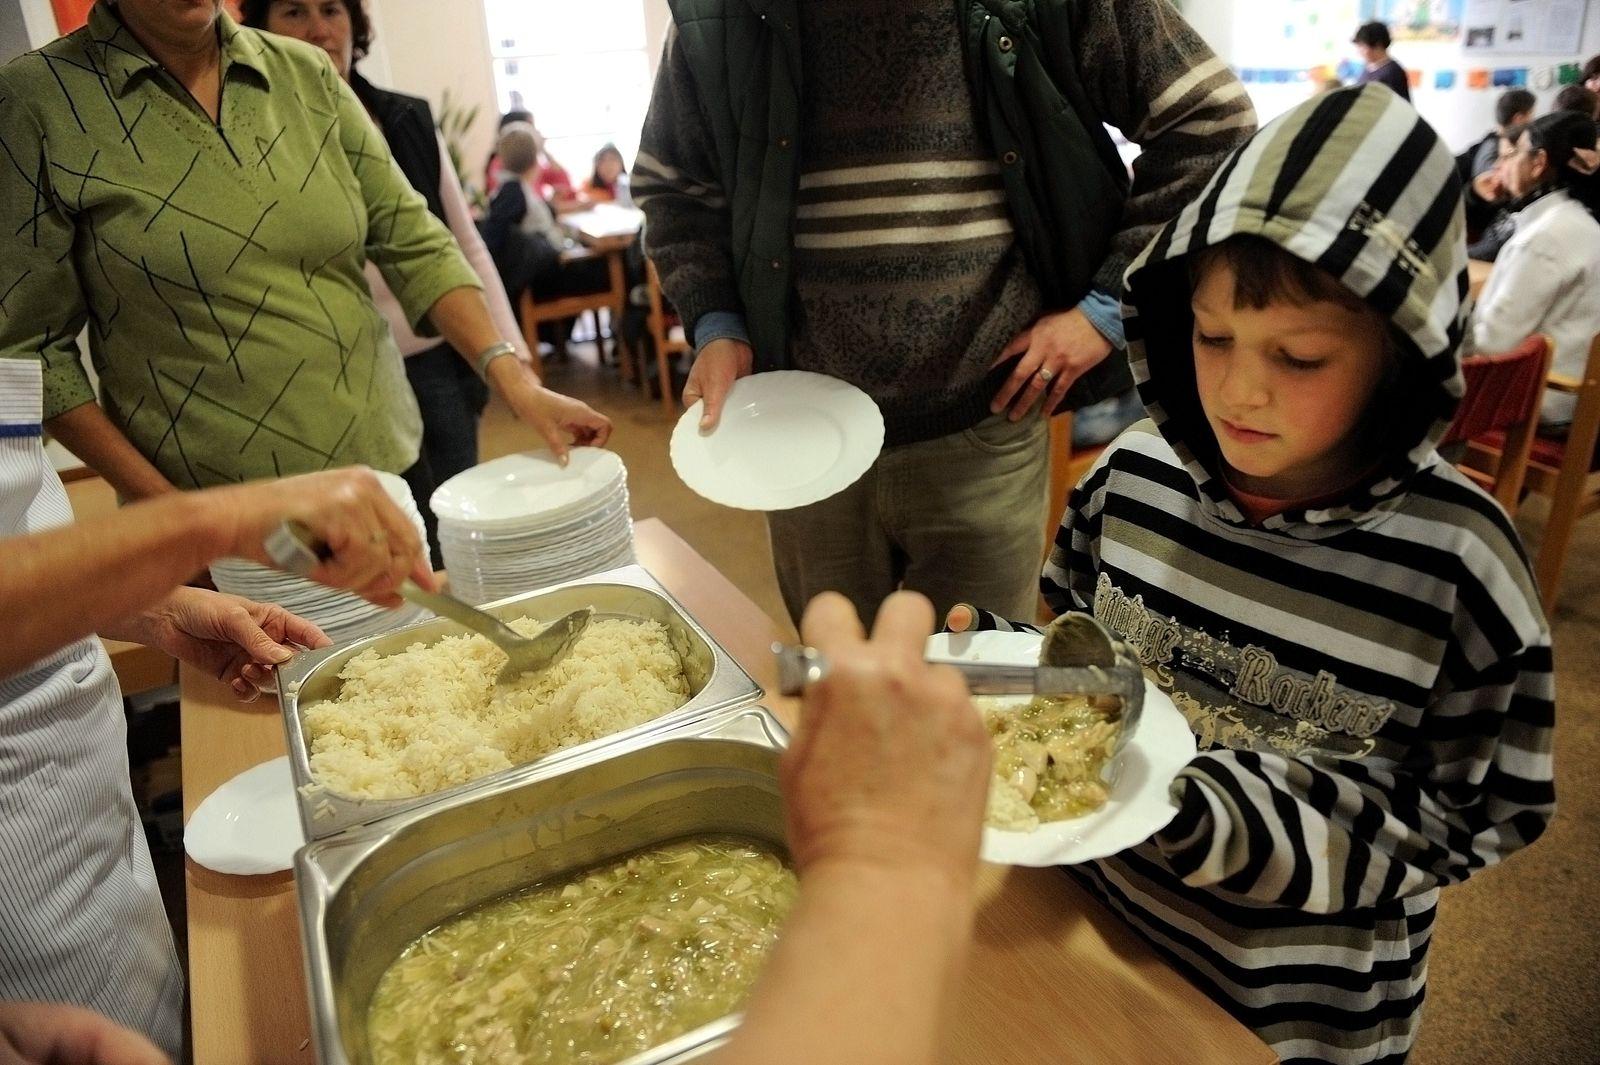 NICHT VERWENDEN Kinder / Armut / Tafel